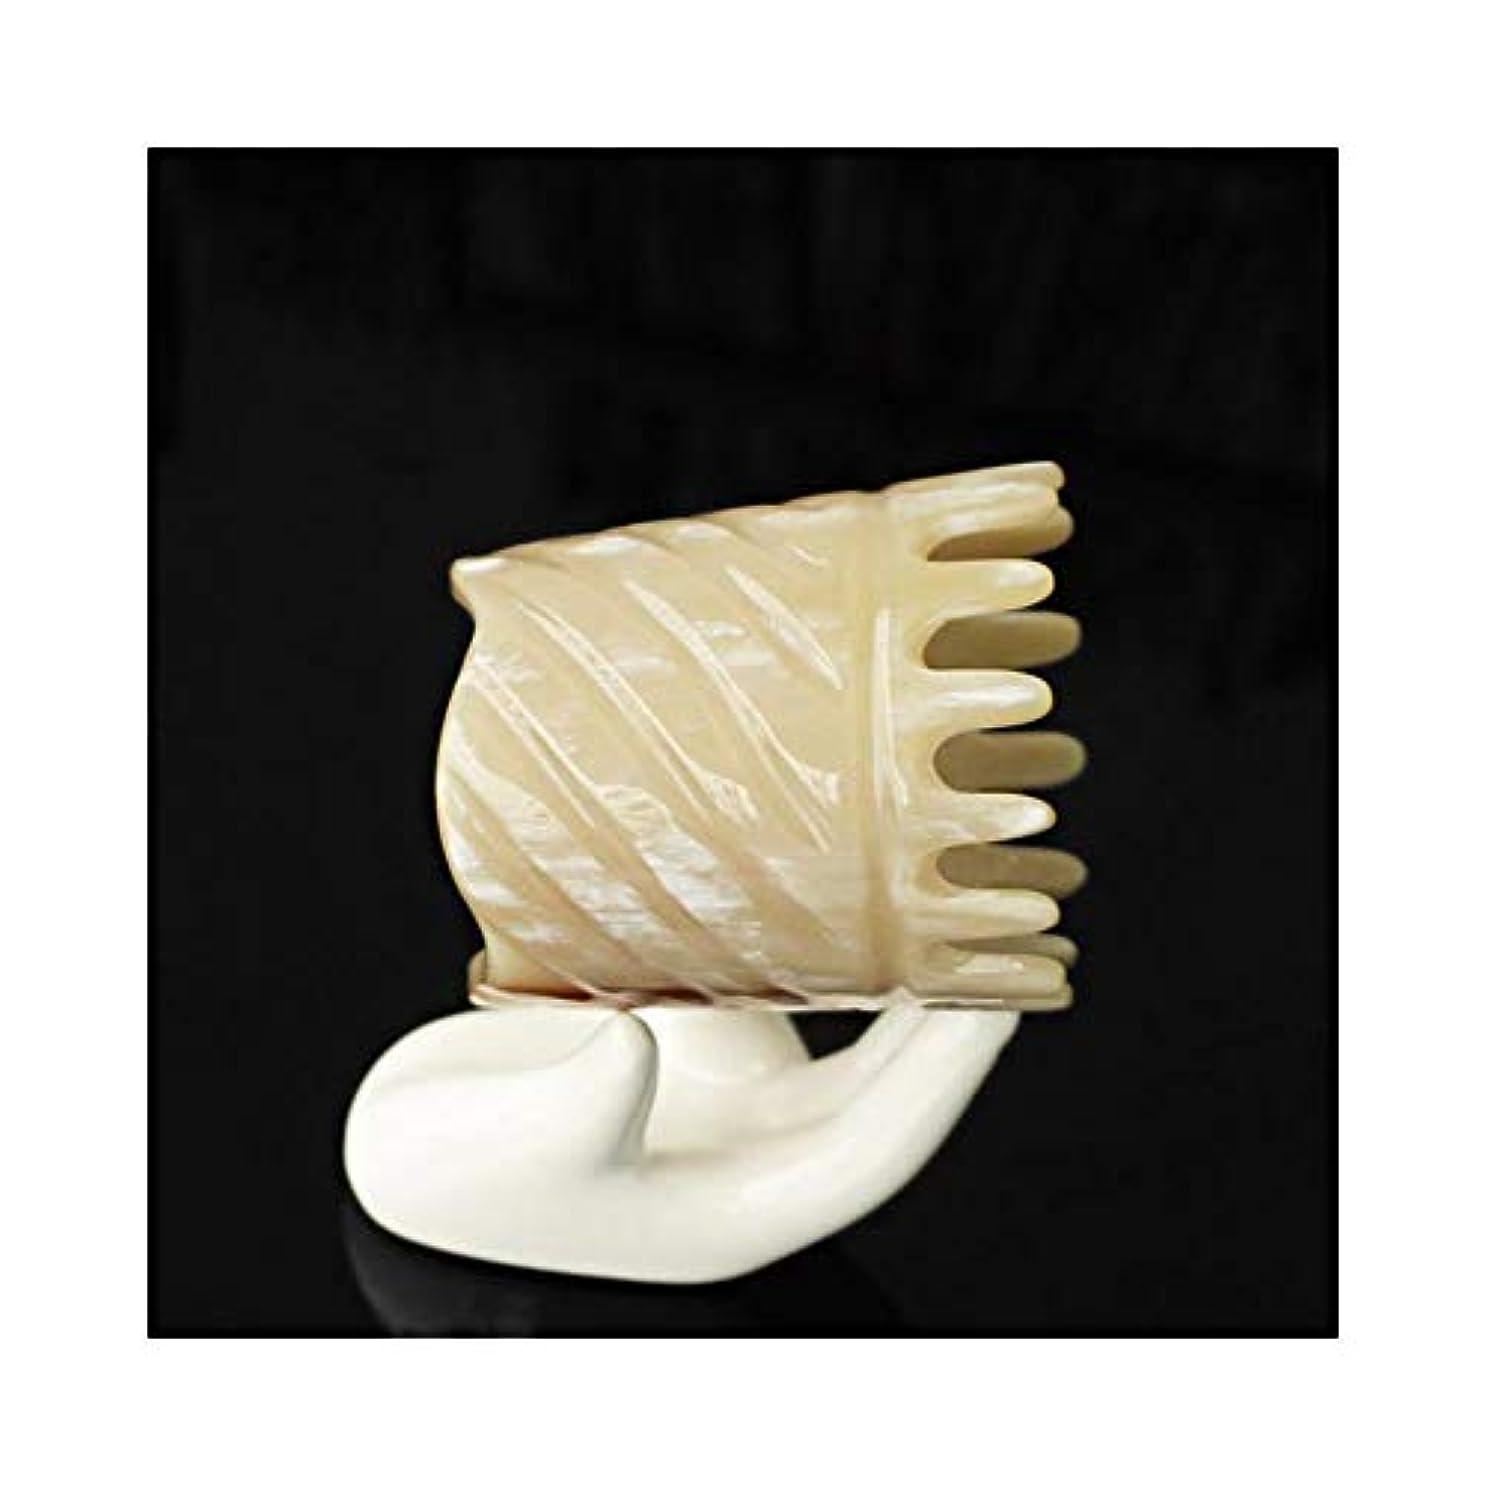 永久に上未知のWASAIO 頭皮マッサージはありません静的手作りのための自然木製ヤクホーンくしDetangleコームズメンズ?レディース?ヘアーブラシセットパドル (色 : A)